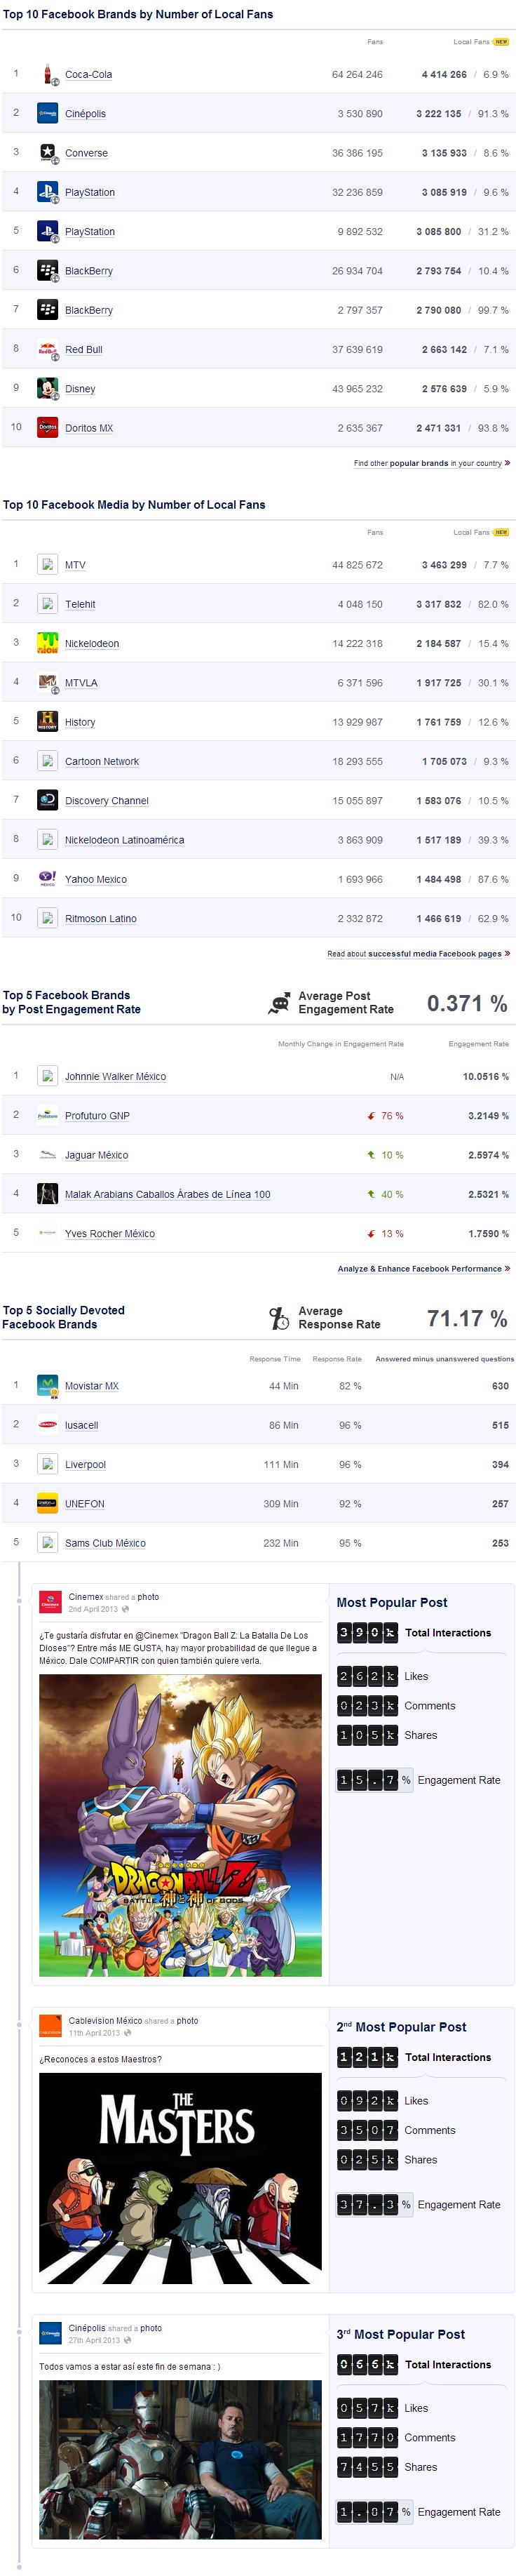 Infografía: Las marcas y campañas con mayor presencia en las Redes Sociales en Abril 2013